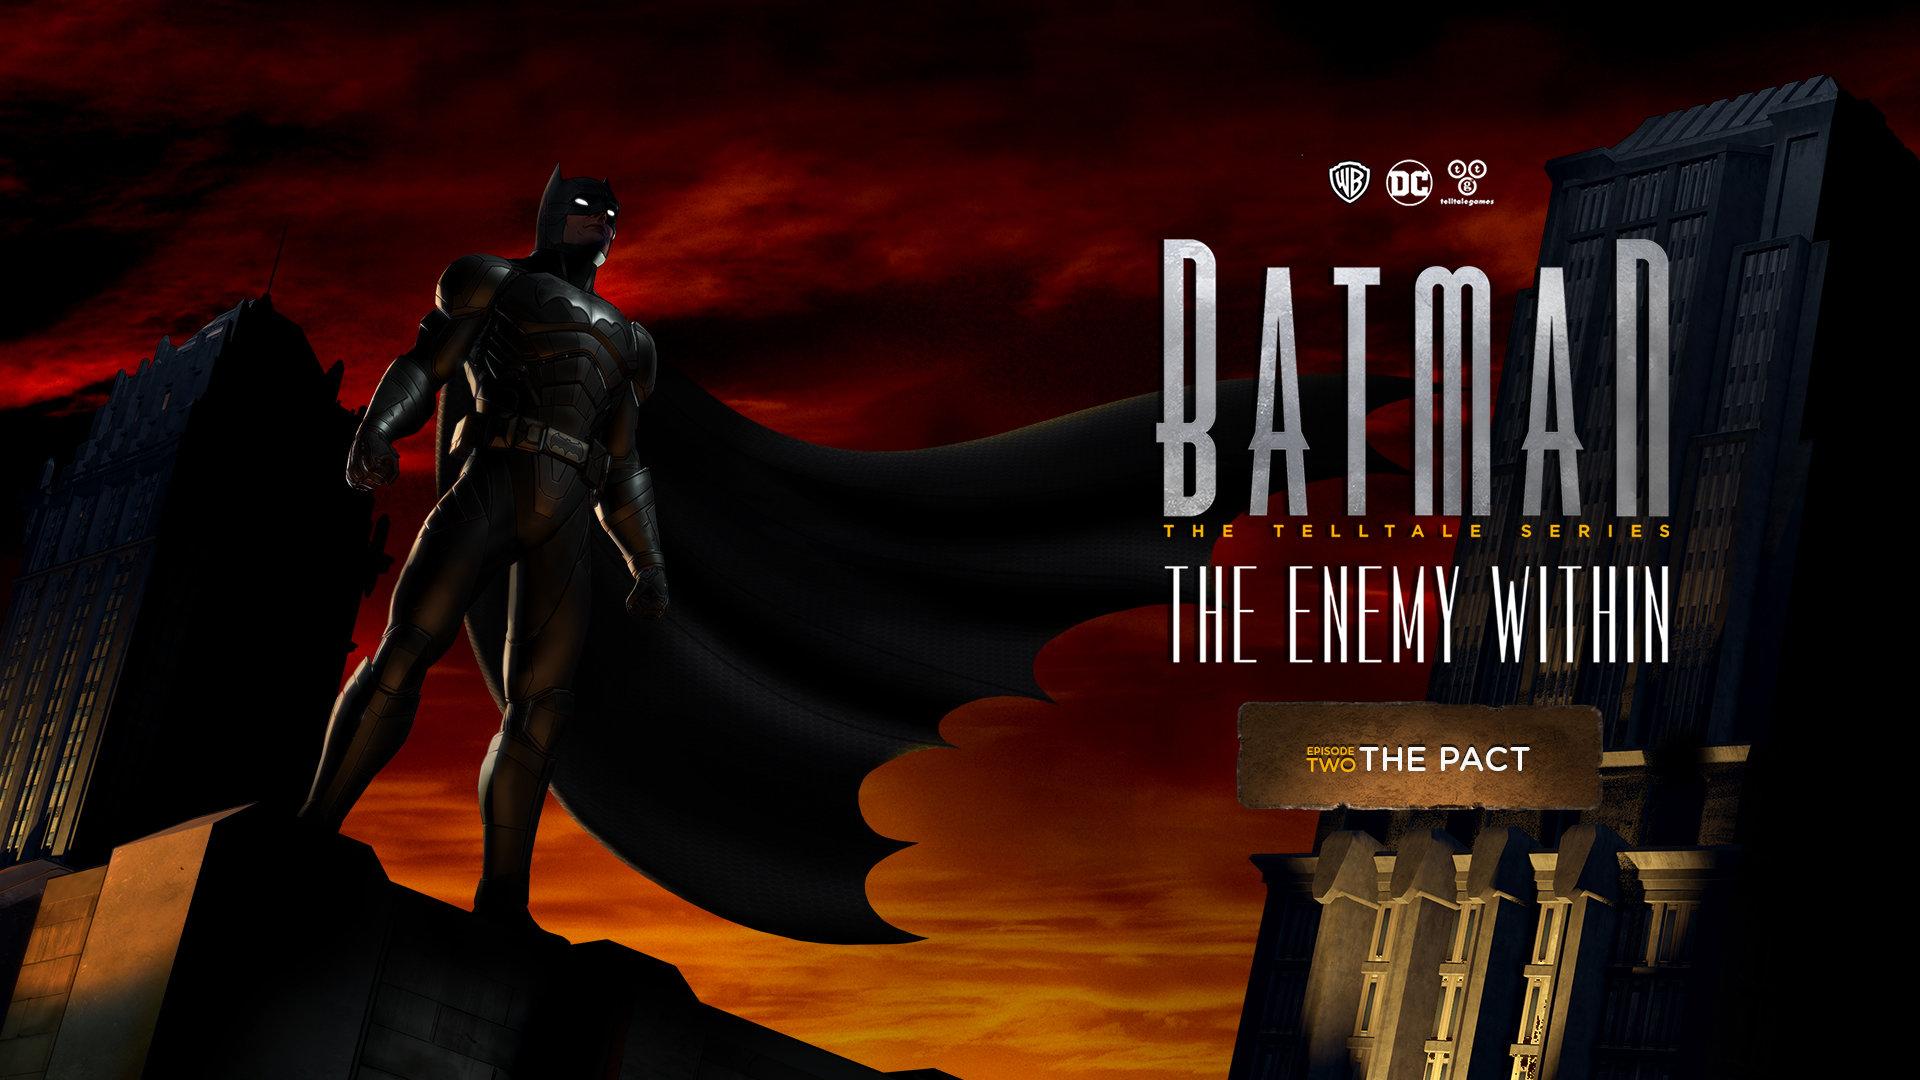 蝙蝠侠:内敌第二章